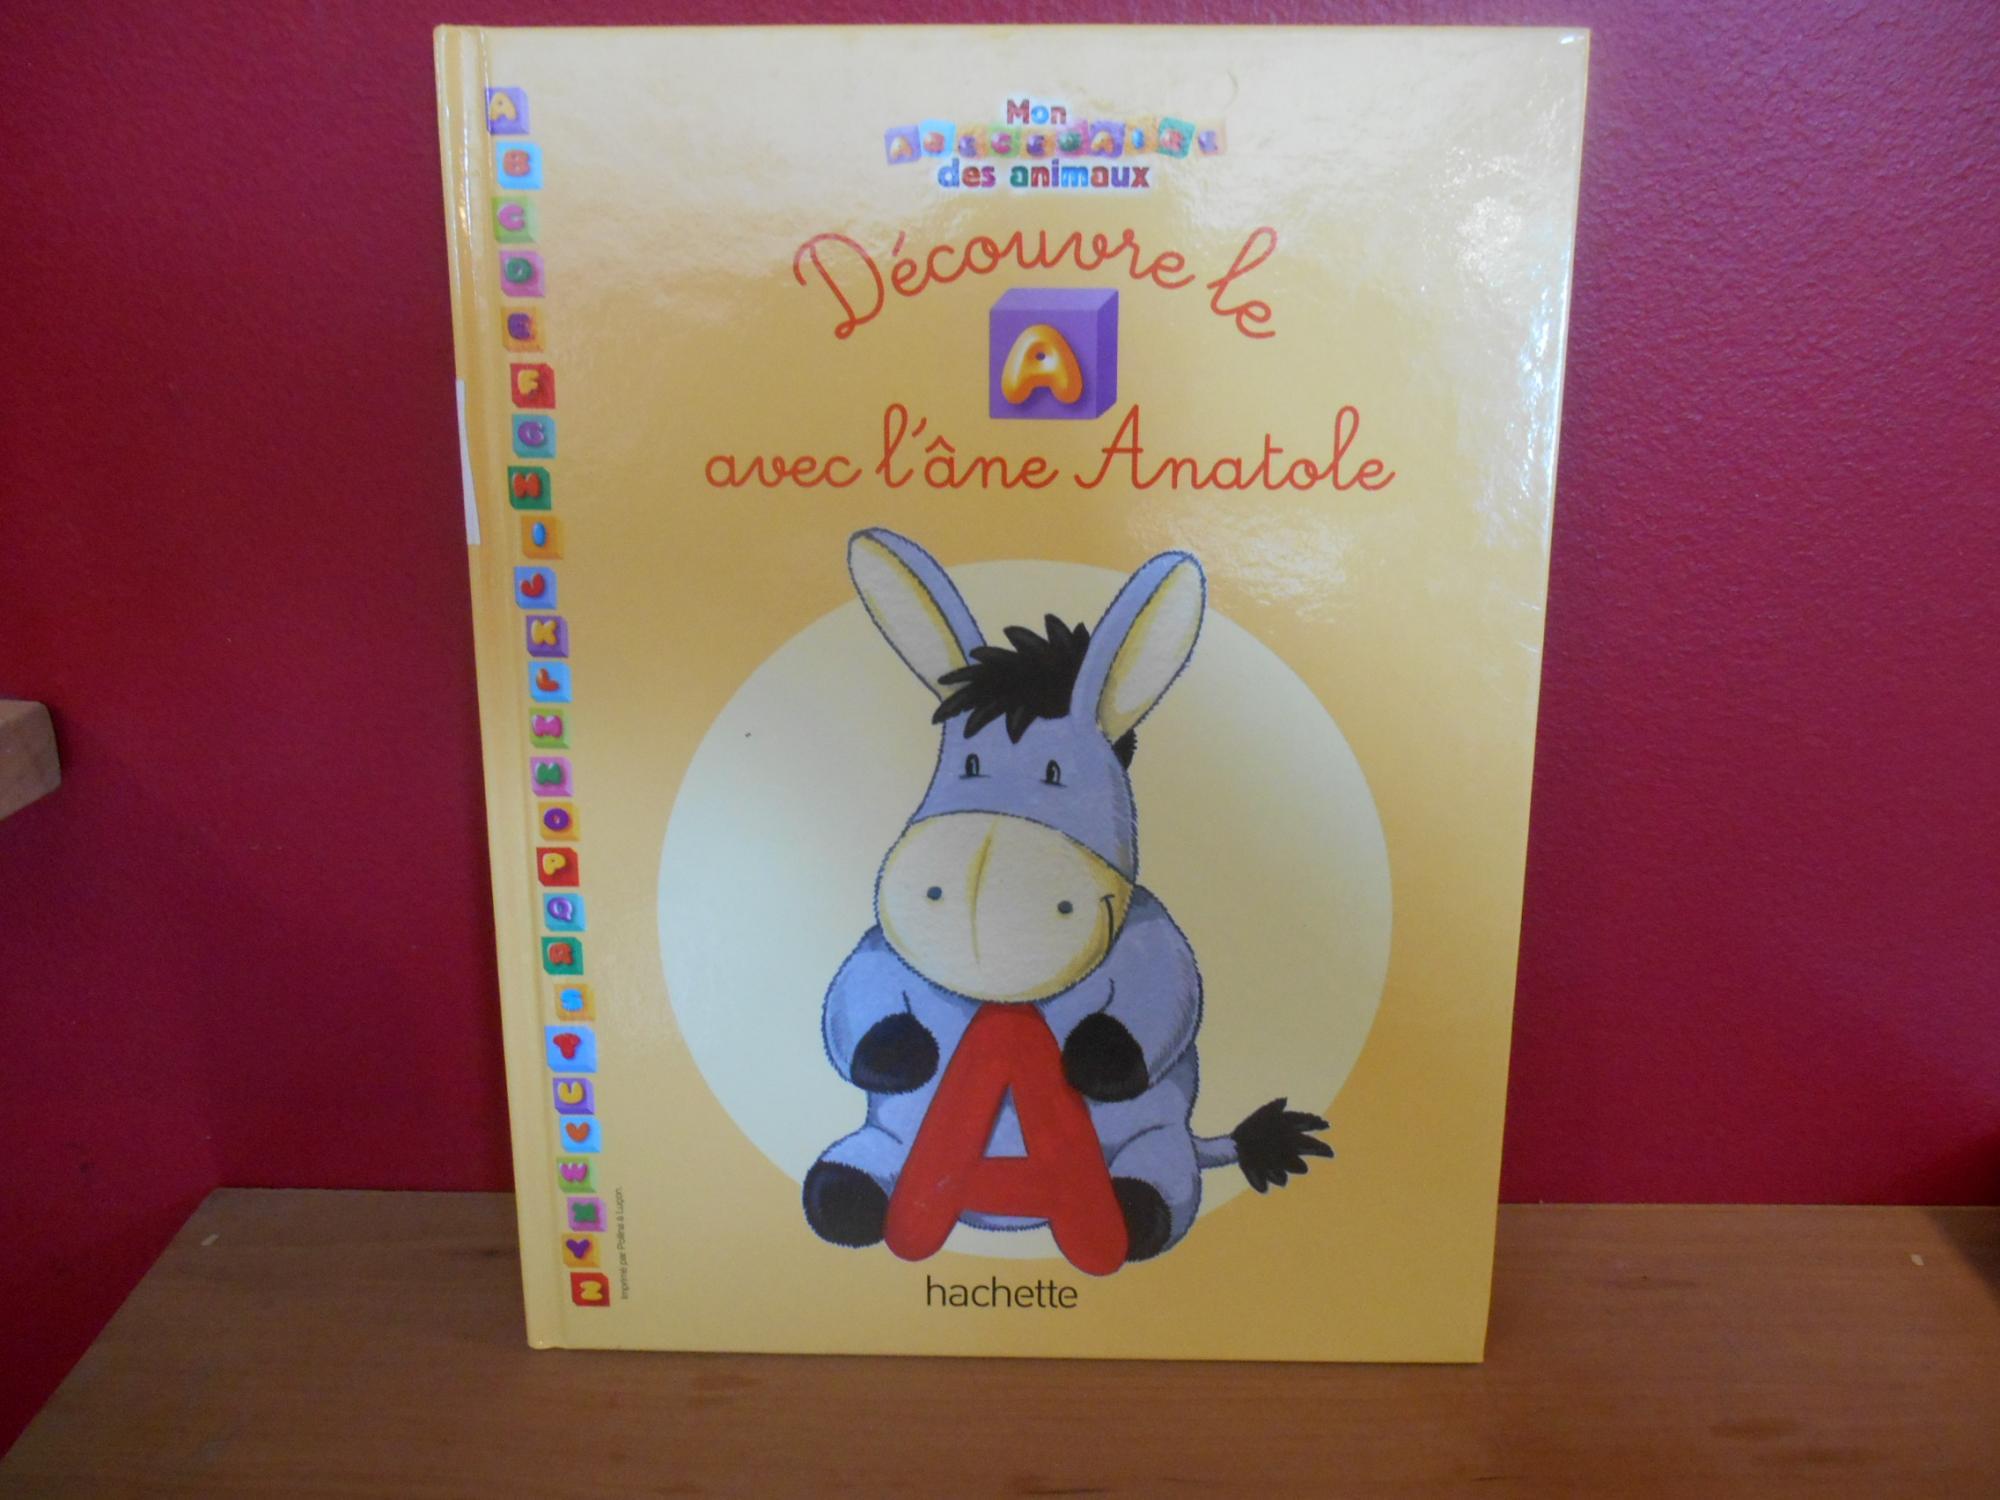 Mon Abecedaire Des Animaux Decouvre Le A Avec L Ane Anatole By Collectif Bonne Condition Couverture Rigide 2013 La Bouquinerie A Dede